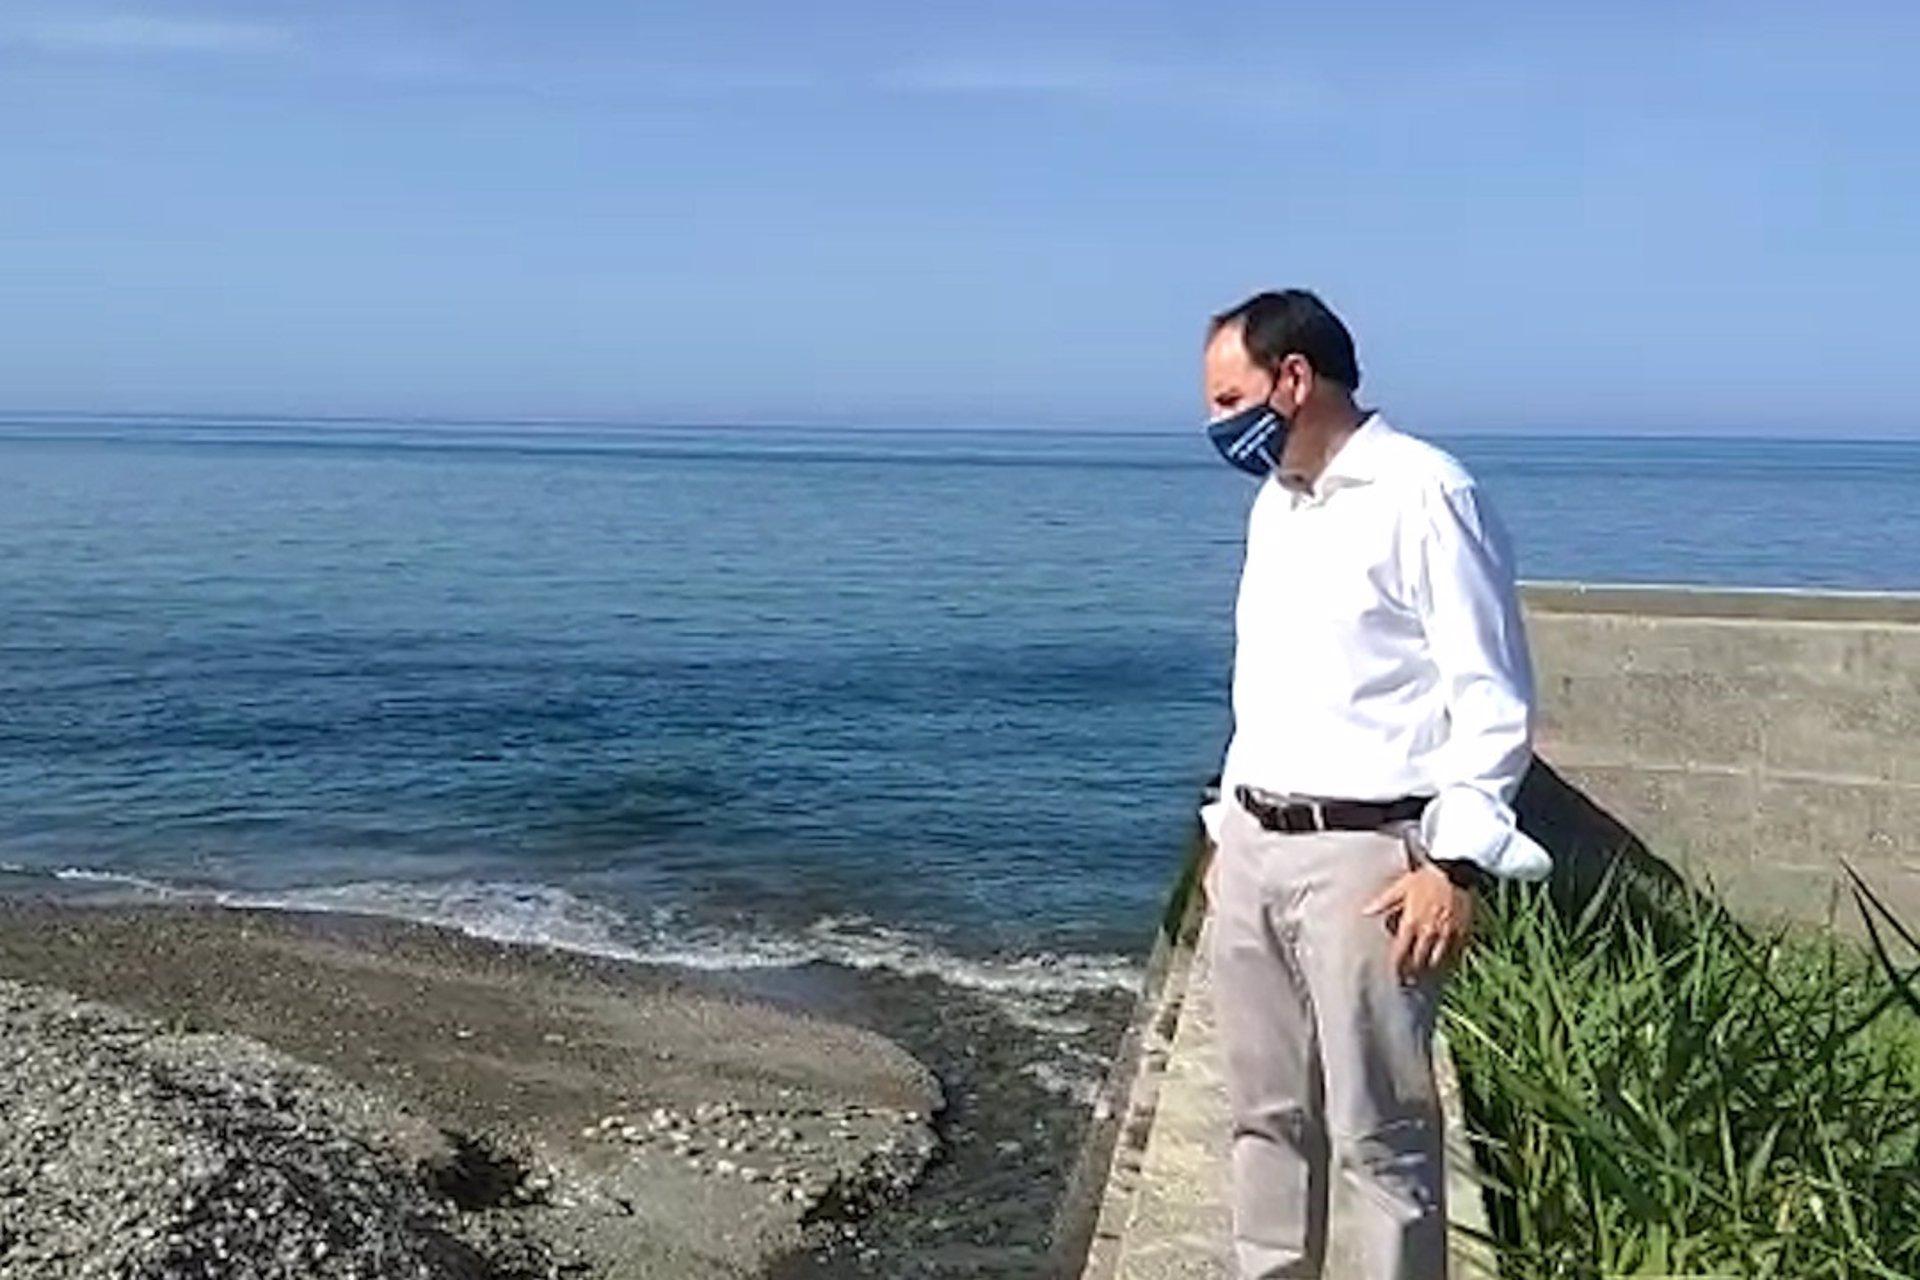 Vox exigirá a Marín que explique en el Parlamento por qué los afectados por terremotos «no han recibido ayudas»